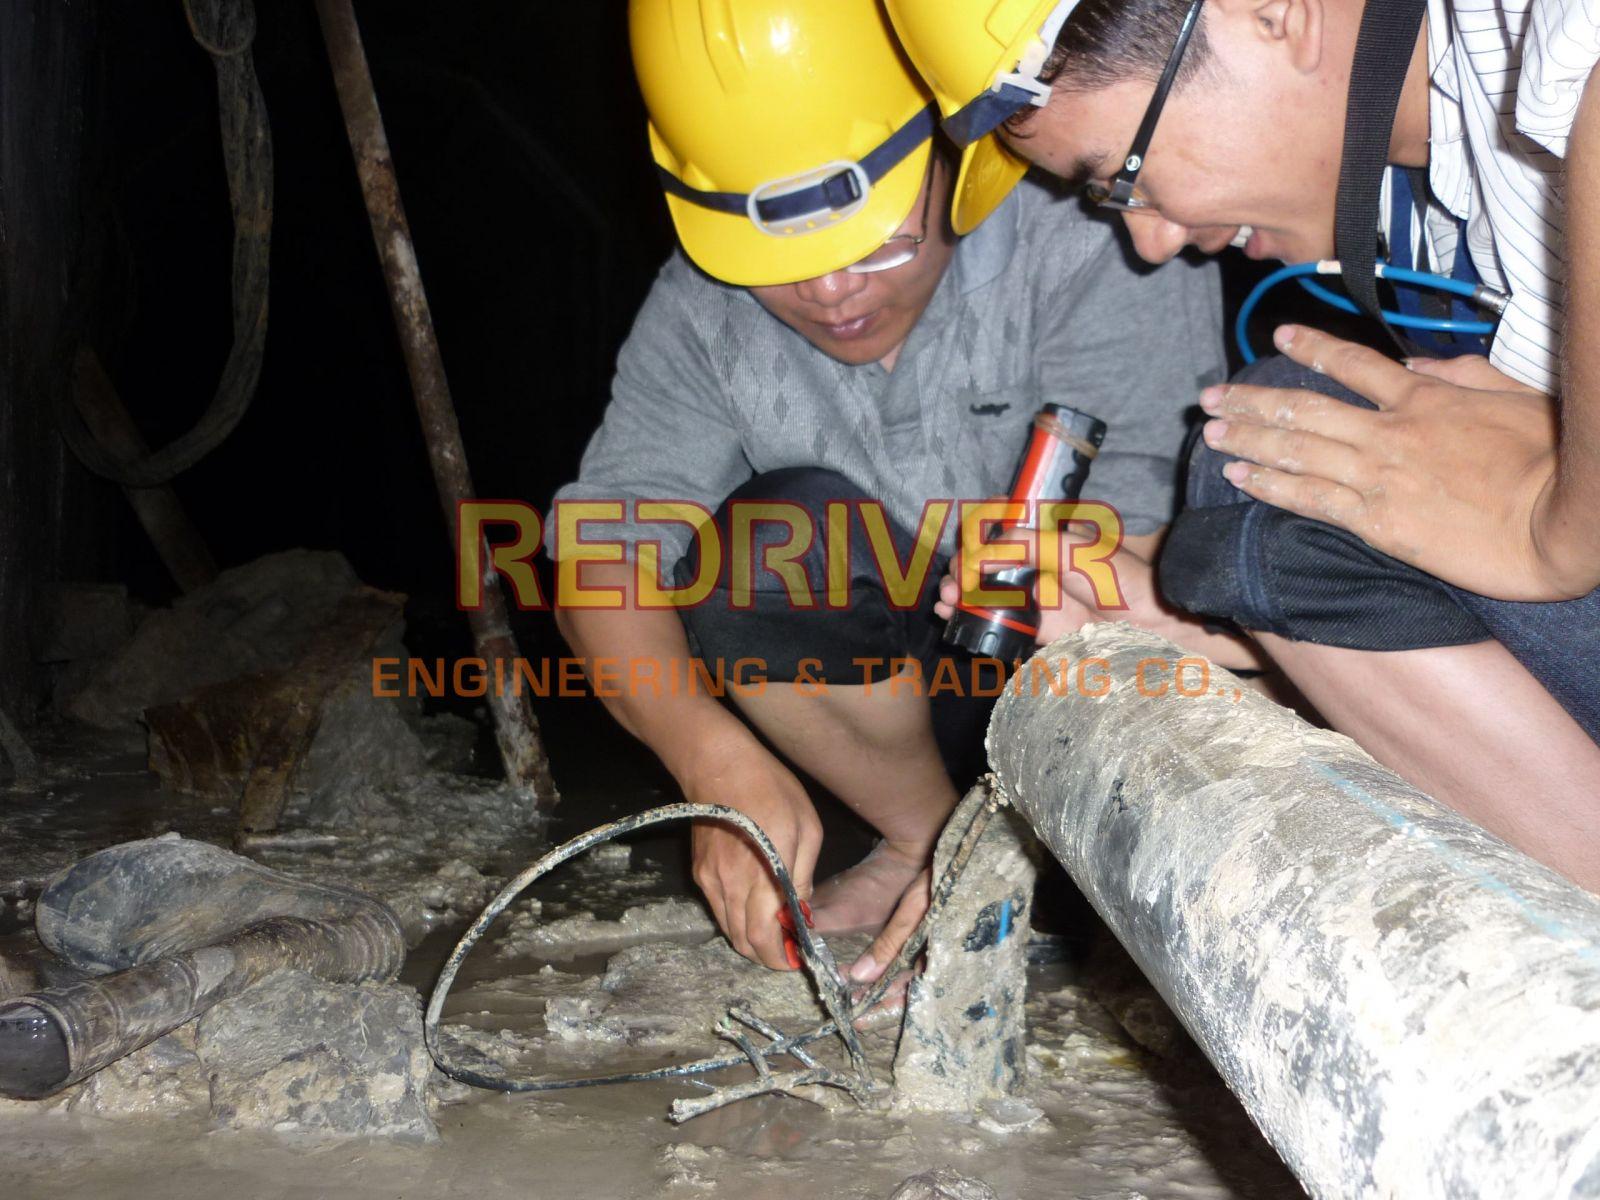 http://redriver-vn.com/public/uploads/images/image-20210120183600-1.jpeg